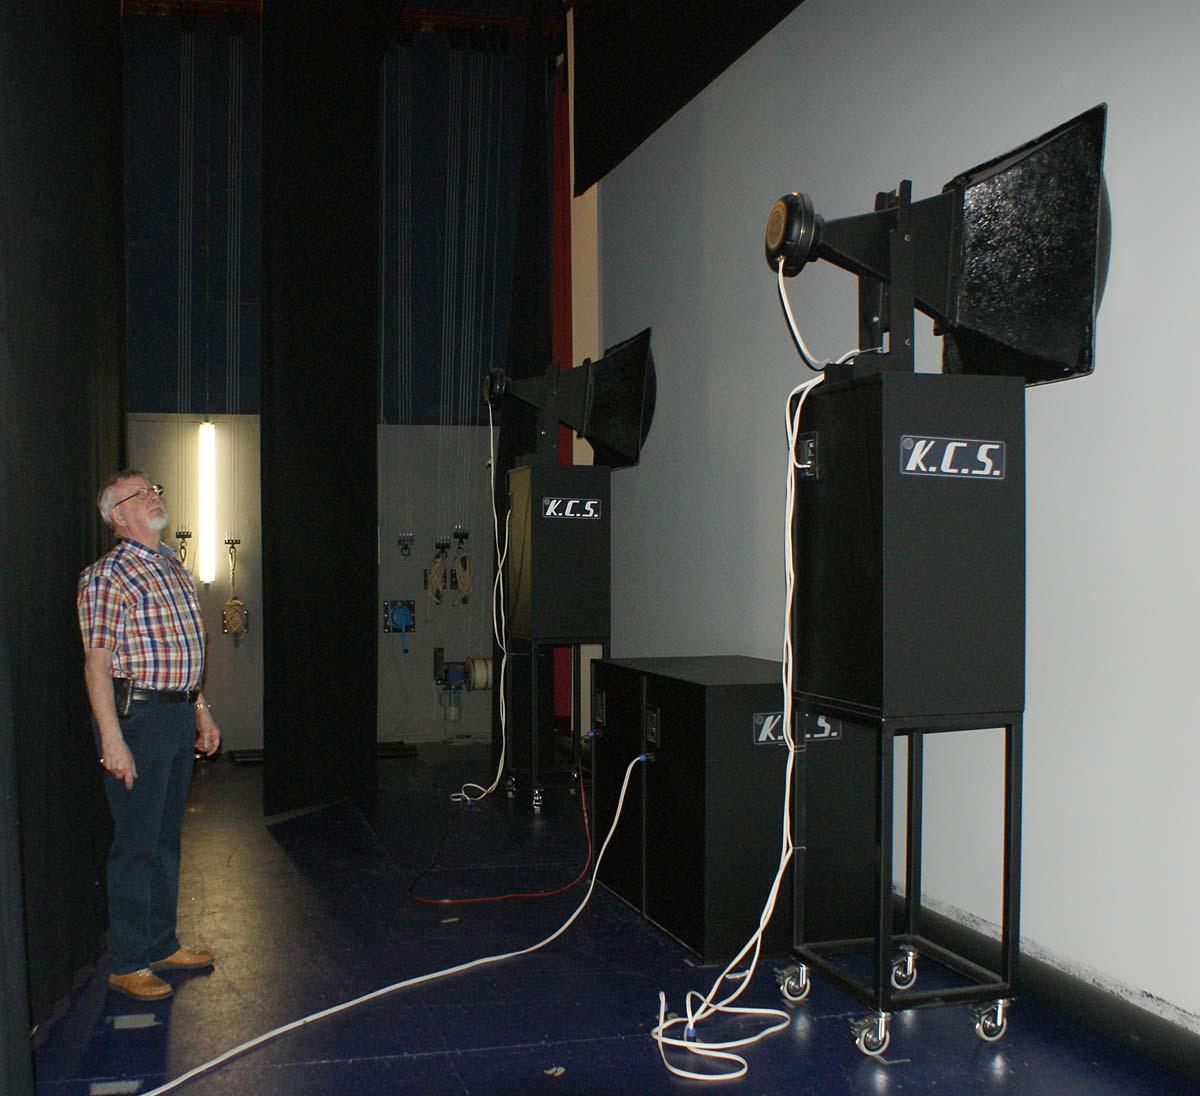 Steen Rasmussen viser to af de tre frontkanaler frem. Biograflærredet er akustisk transparent, så de enorme højttalere kan placeres korrekt i forhold til billedet.